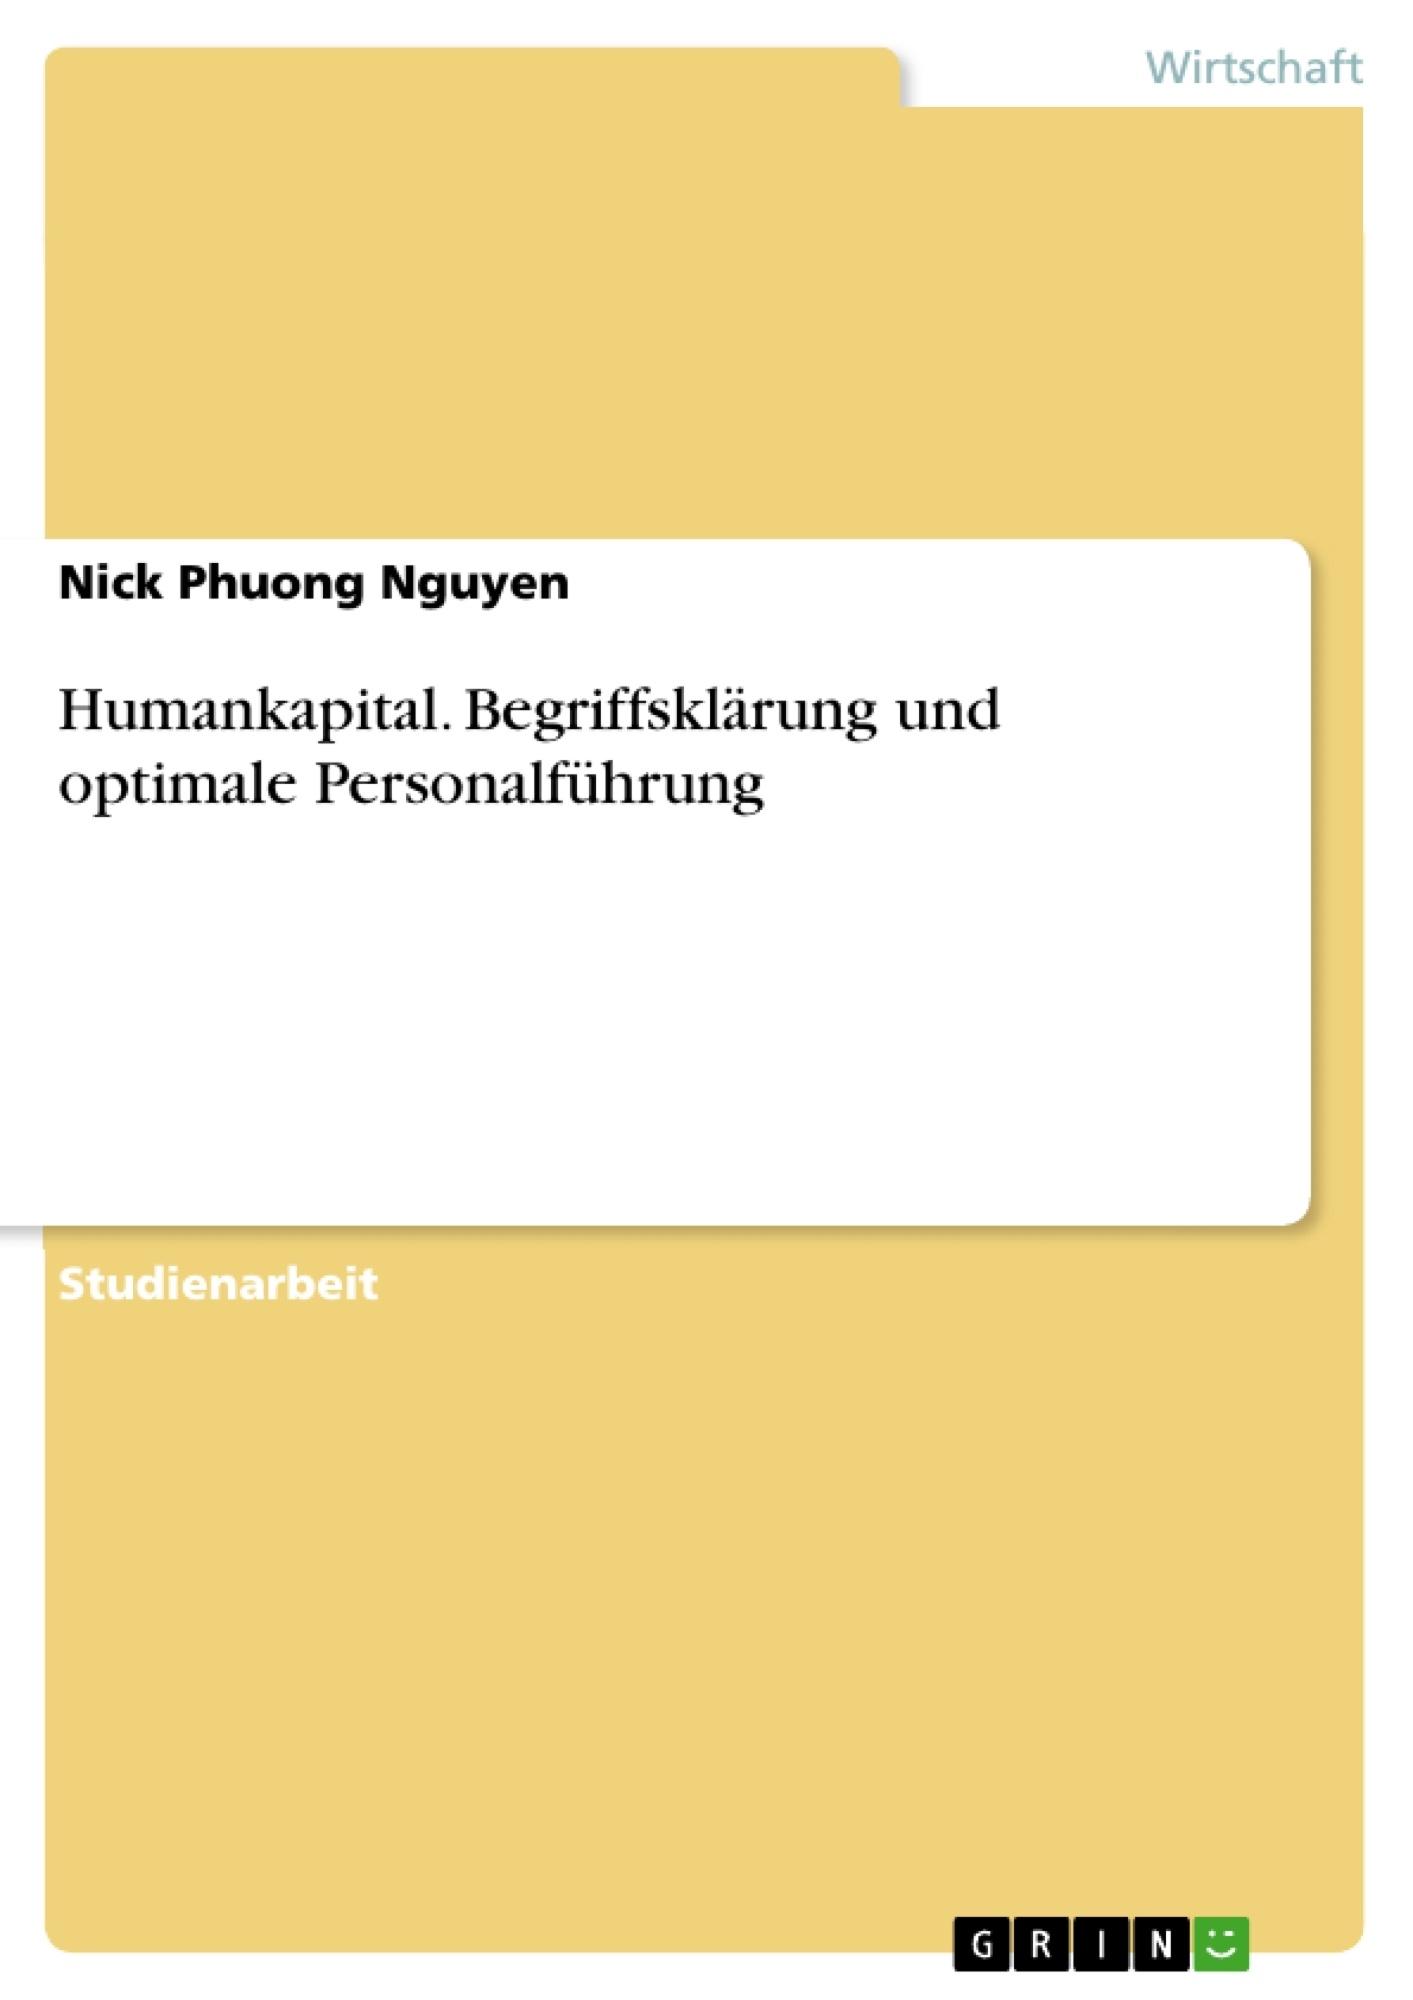 Titel: Humankapital. Begriffsklärung und optimale Personalführung